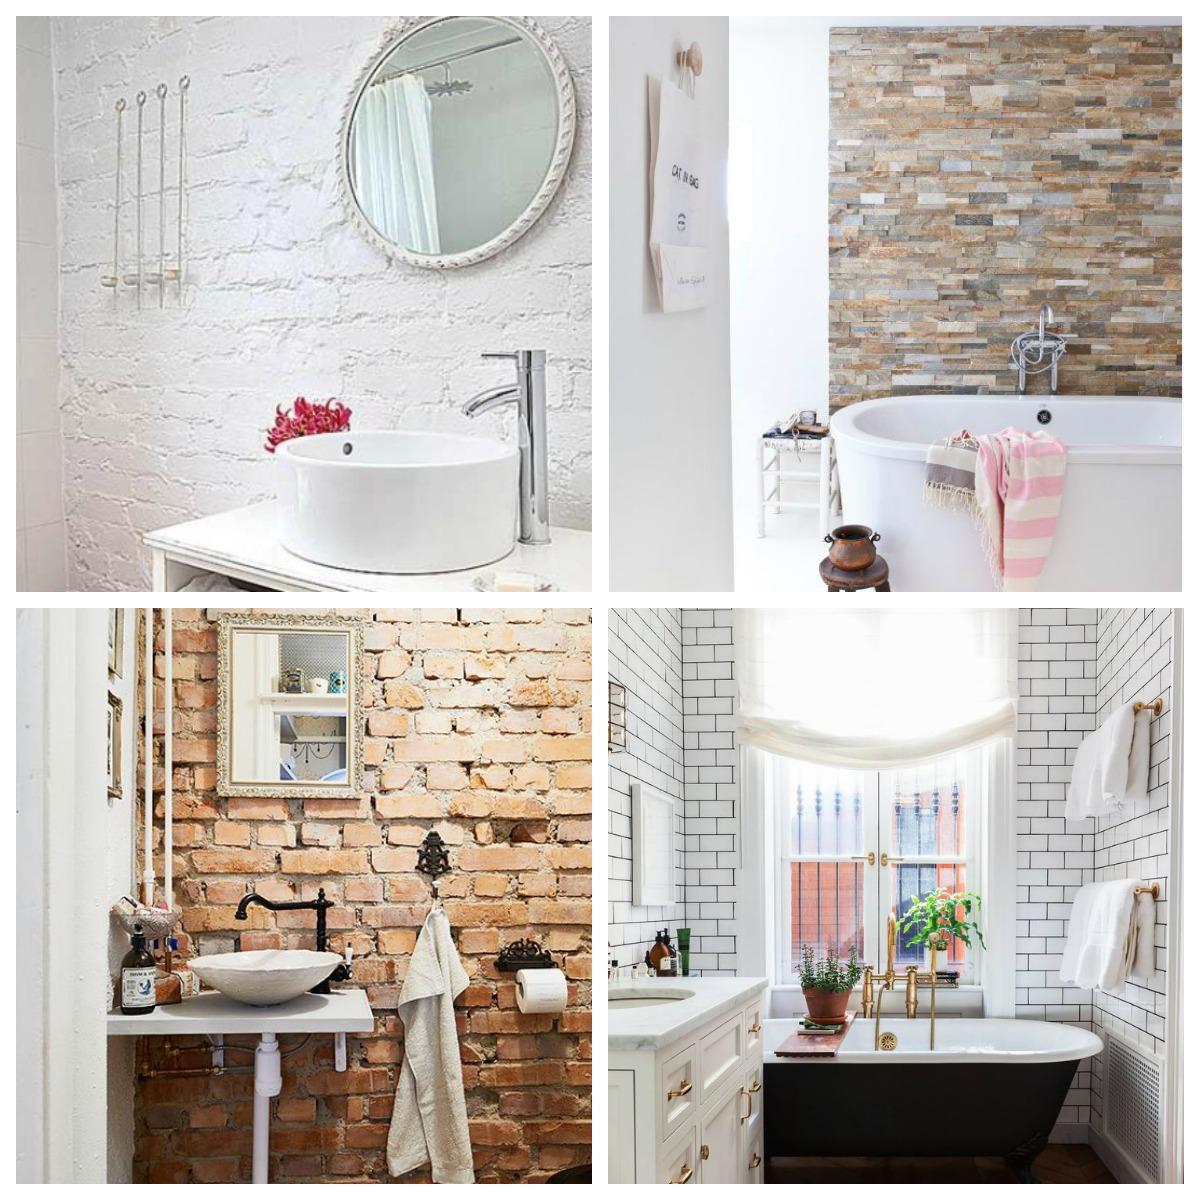 fazer essa parede na minha casa simples papel de parede siim hoje #69452F 1200 1200